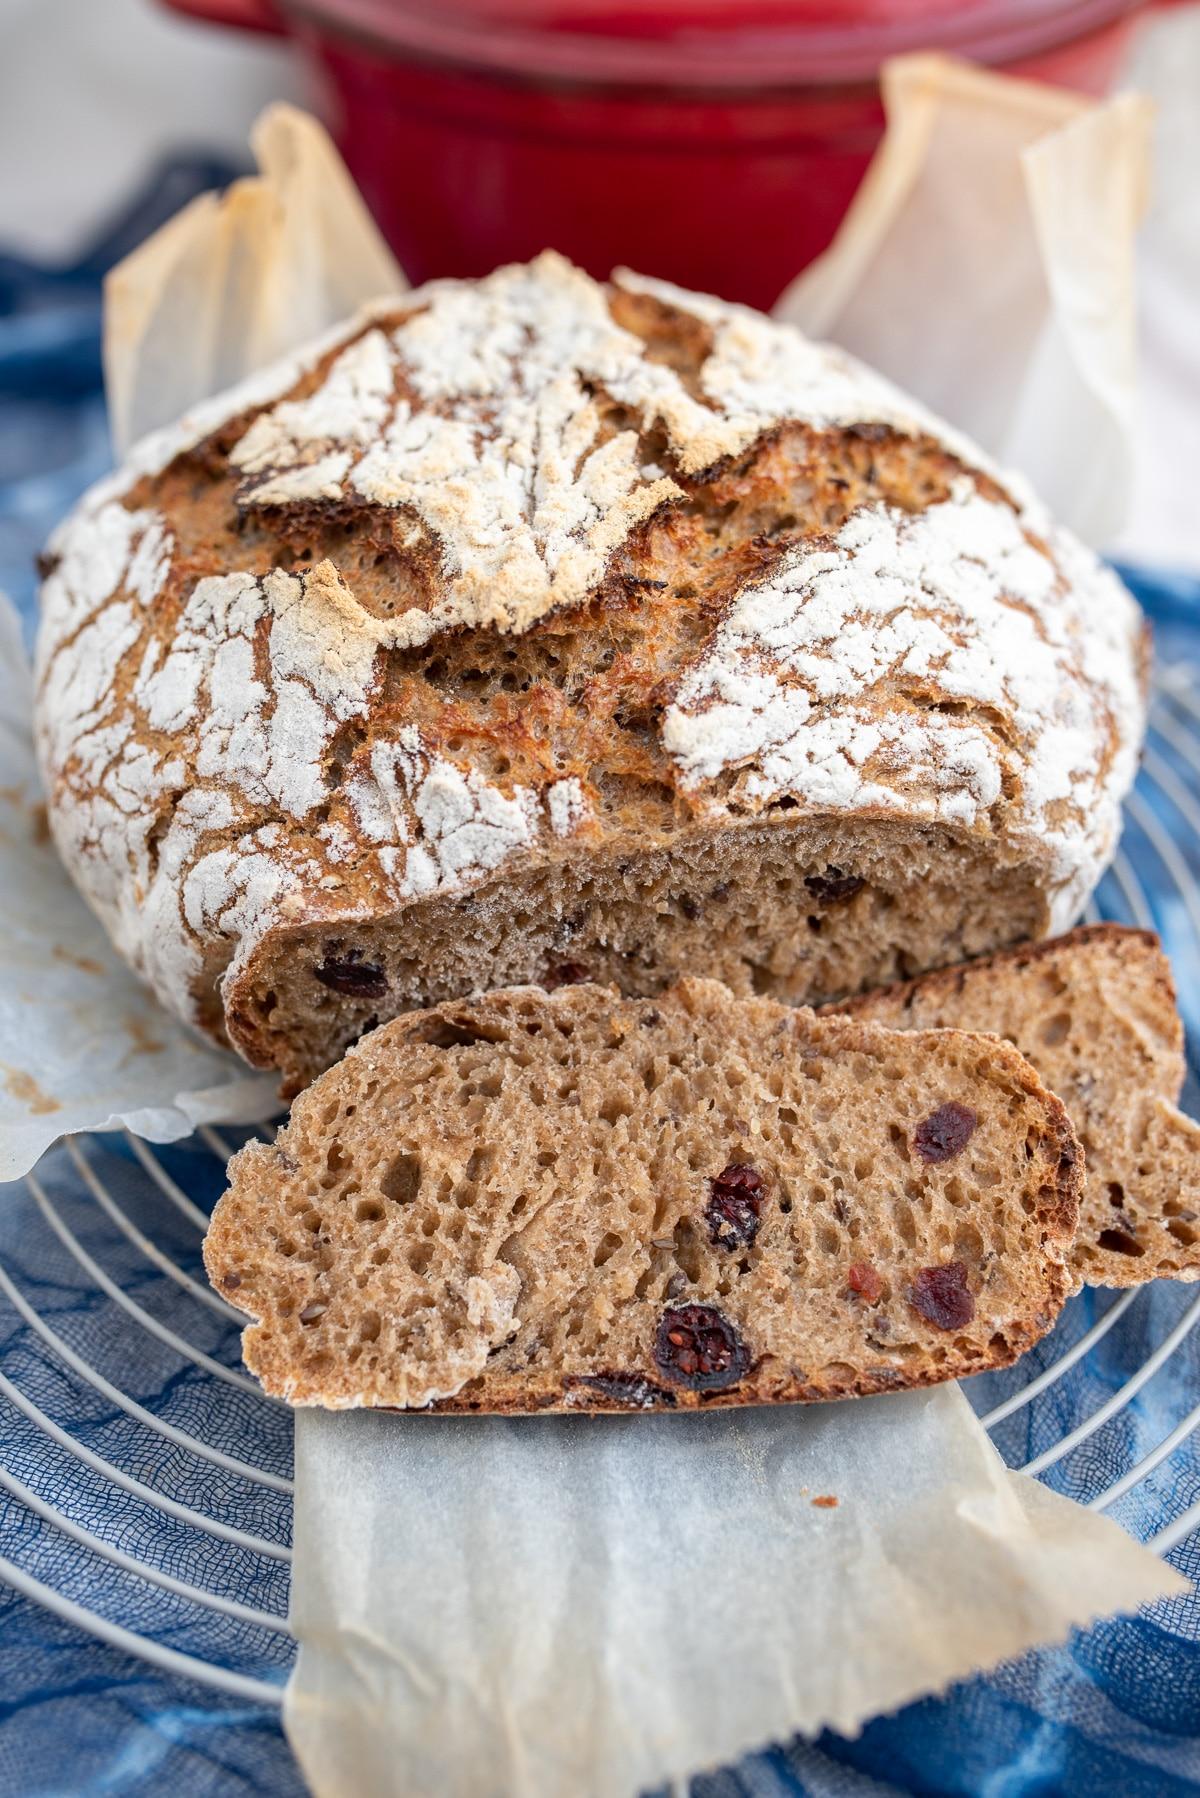 Rumiany chleb ułożony na kratce do studzenia, obok kromka chleba z żurawiną w miękiszu.